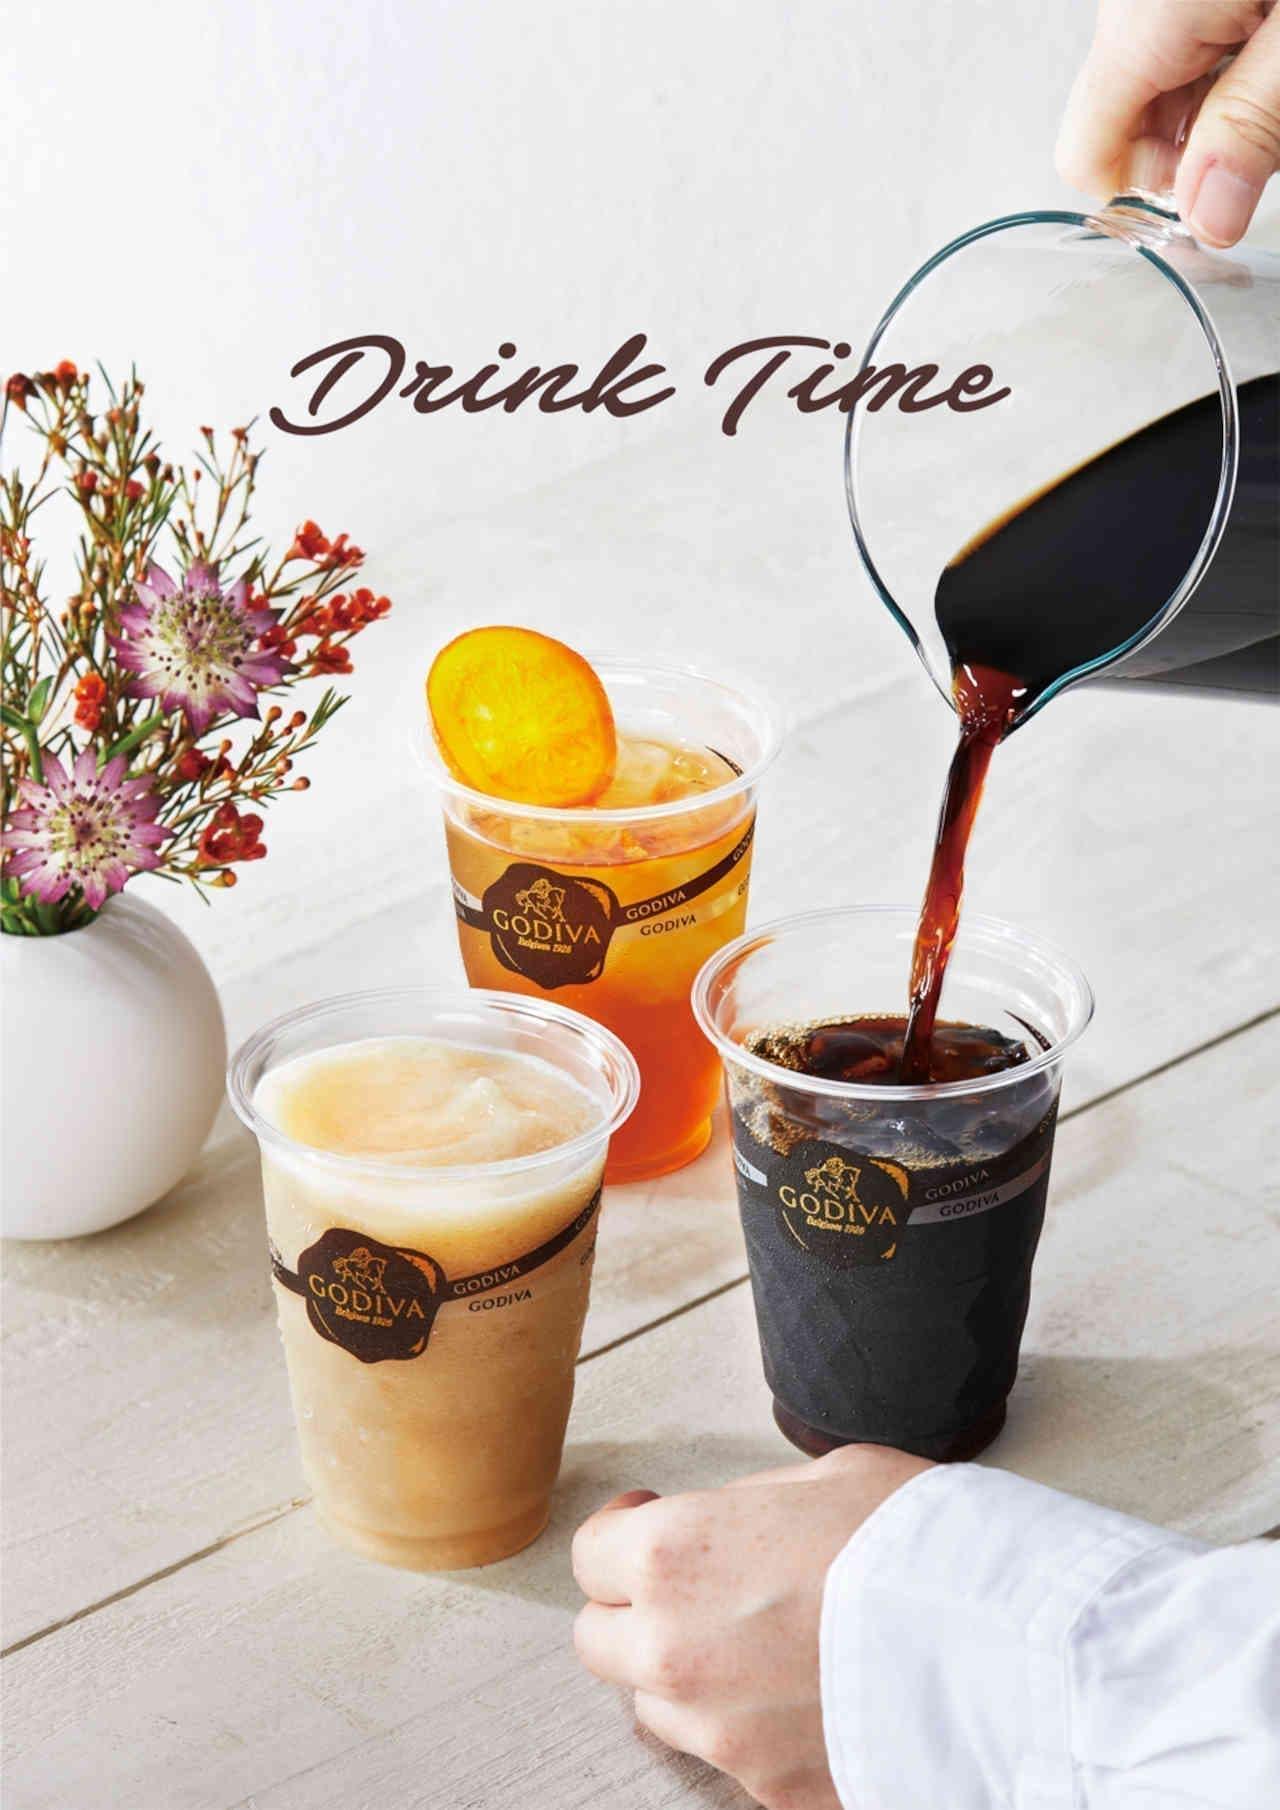 ゴディバのコーヒーと紅茶